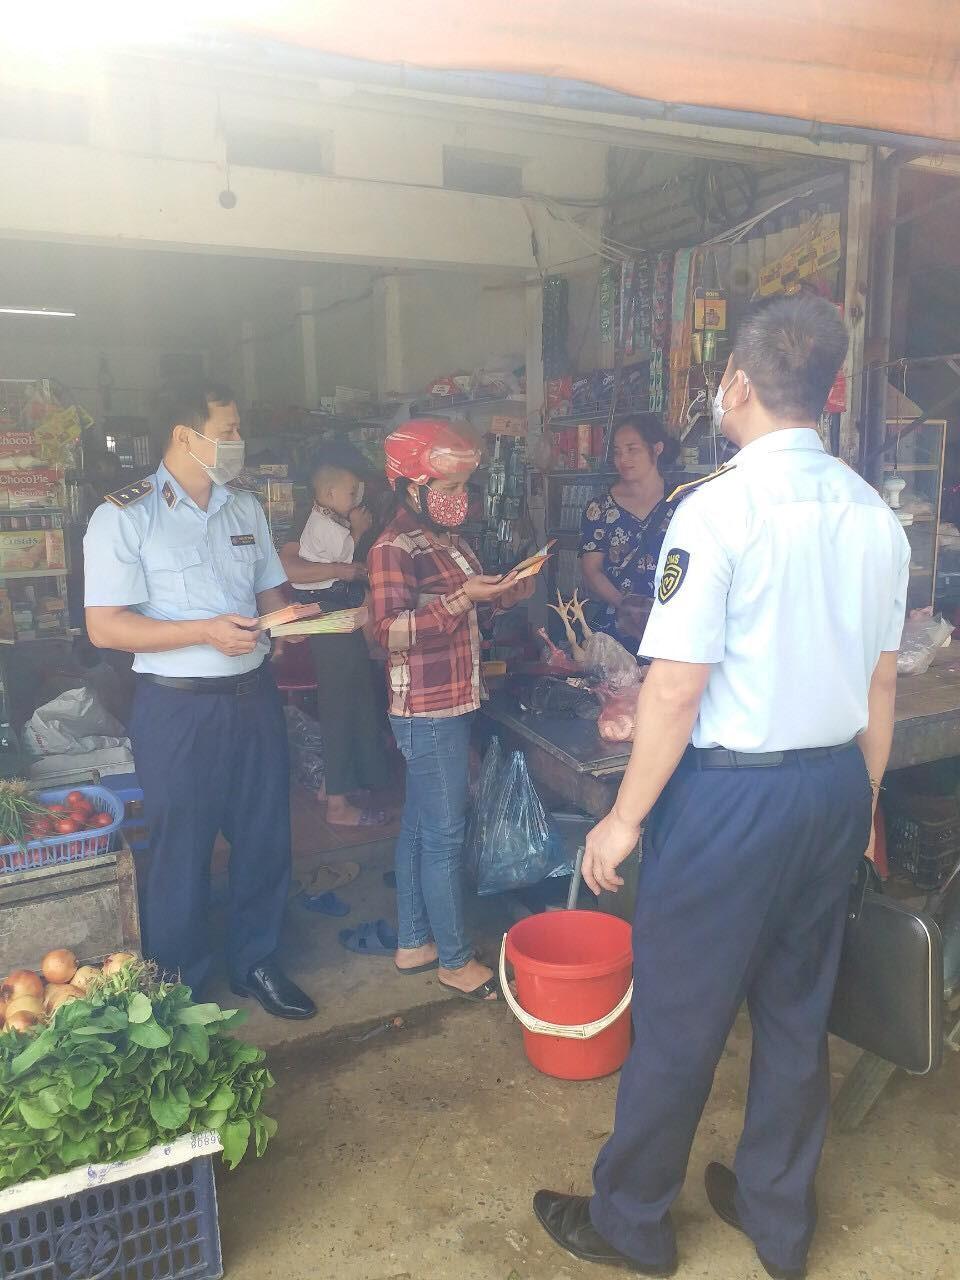 Tăng cường công tác tuyên truyền đấu tranh chống hàng giả, hàng không rõ nguồn gốc xuất xứ trên địa bàn huyện Đà Bắc